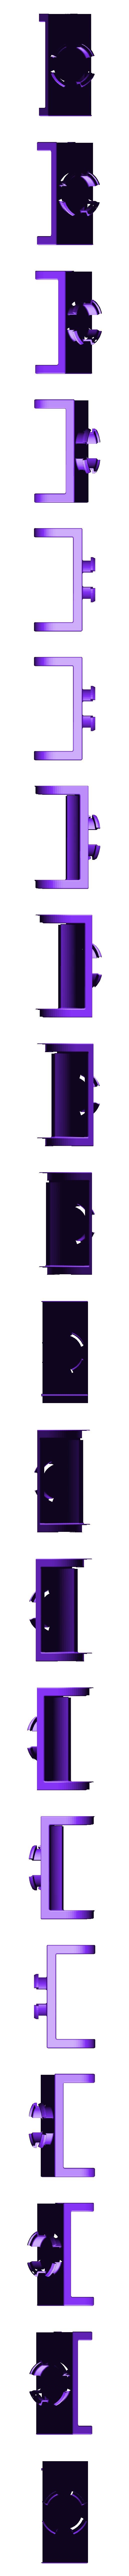 PIVOT-MORE_GAPE.stl Télécharger fichier STL gratuit Prise en charge de l'écran Rasperry Clone • Design pour imprimante 3D, omni-moulage